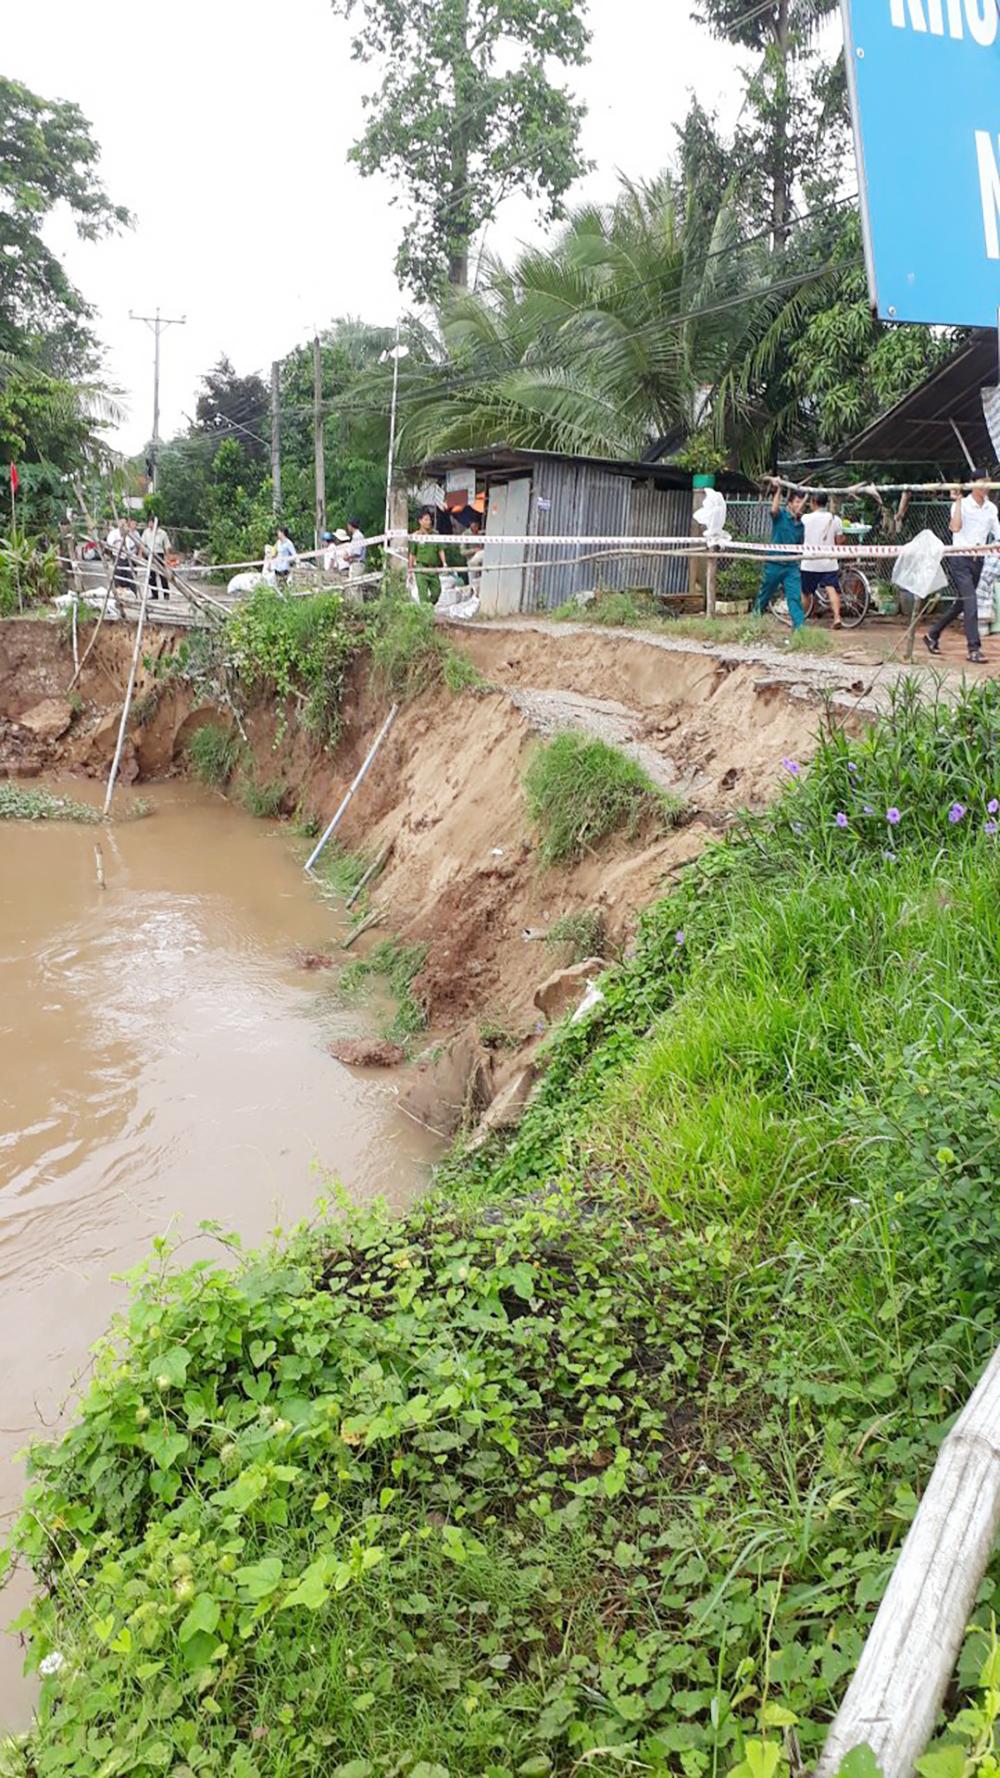 Đê bảo vệ kênh xáng Tân An tiếp tục sạt lở, di dời khẩn cấp 2 hộ dân